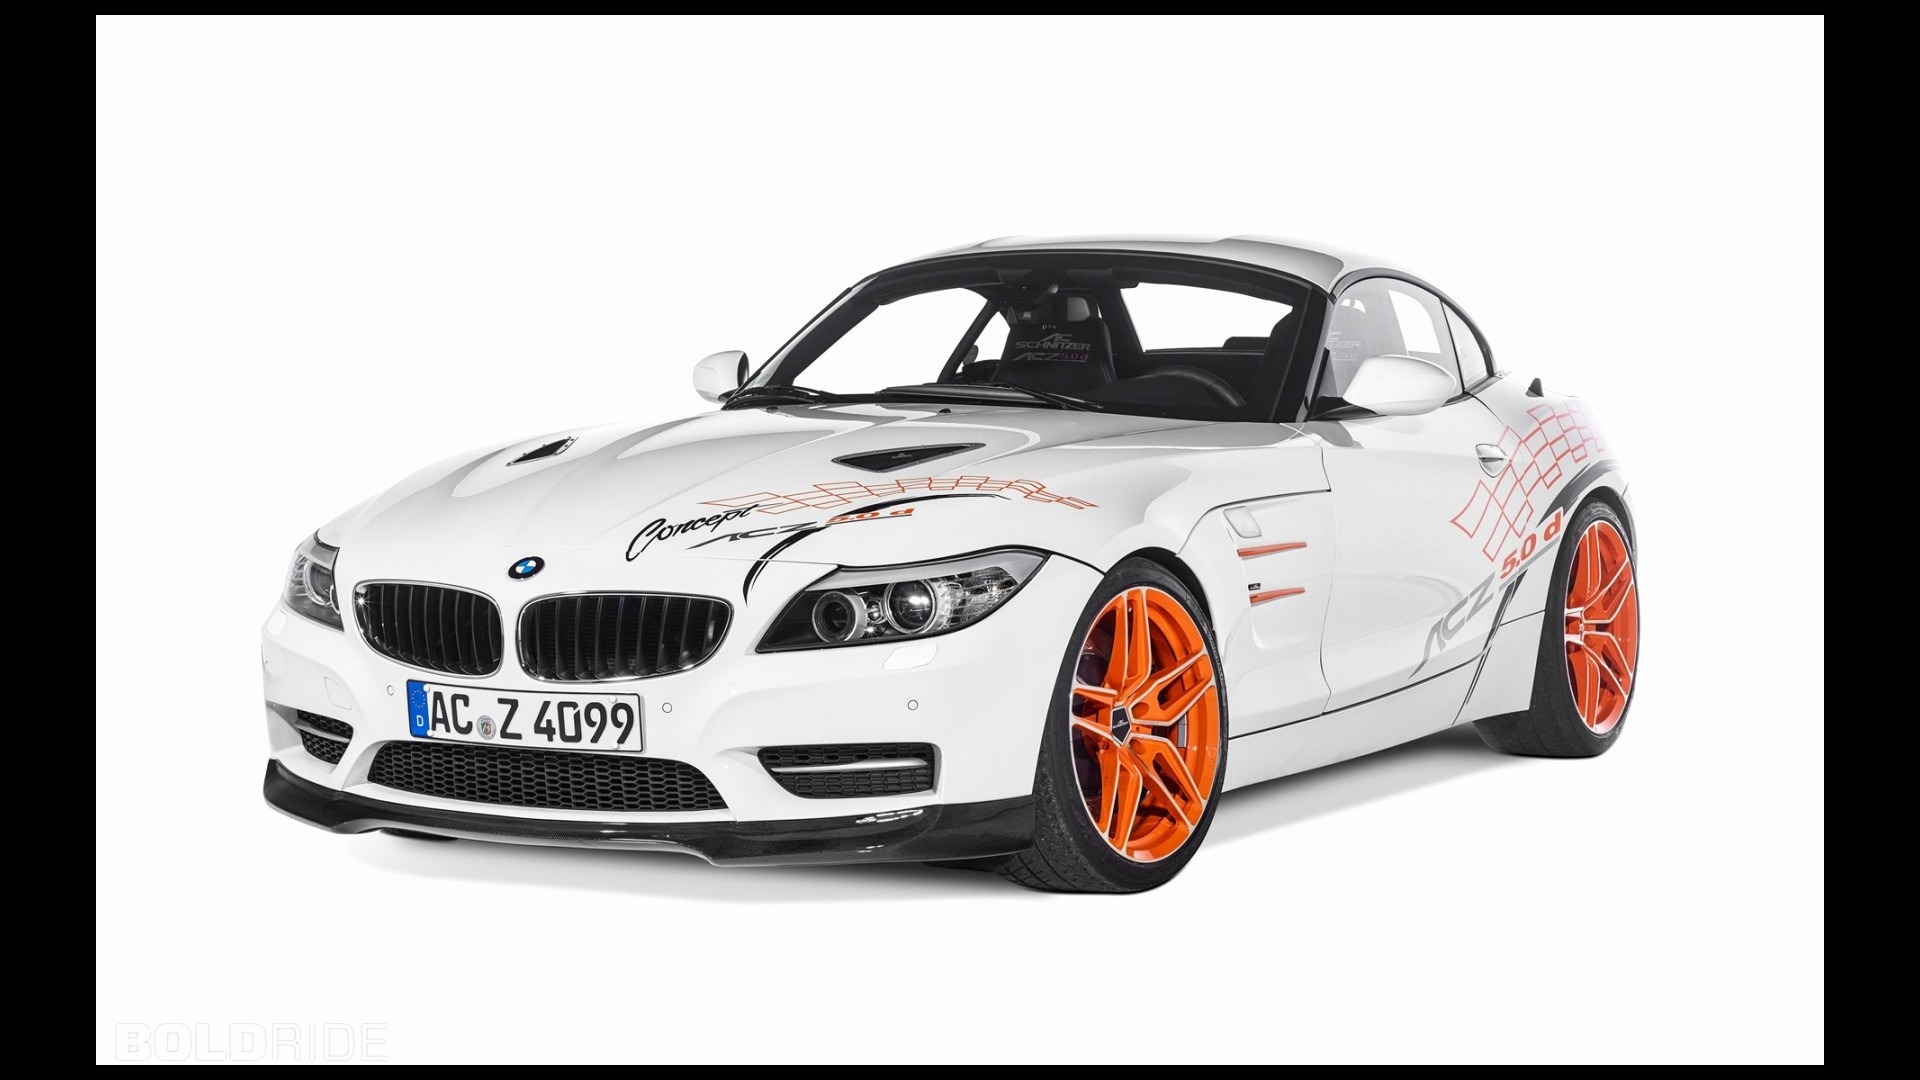 New Bmw Sports Car ing soon top Best Ac Schnitzer Bmw Z4 Acz4 5 0d